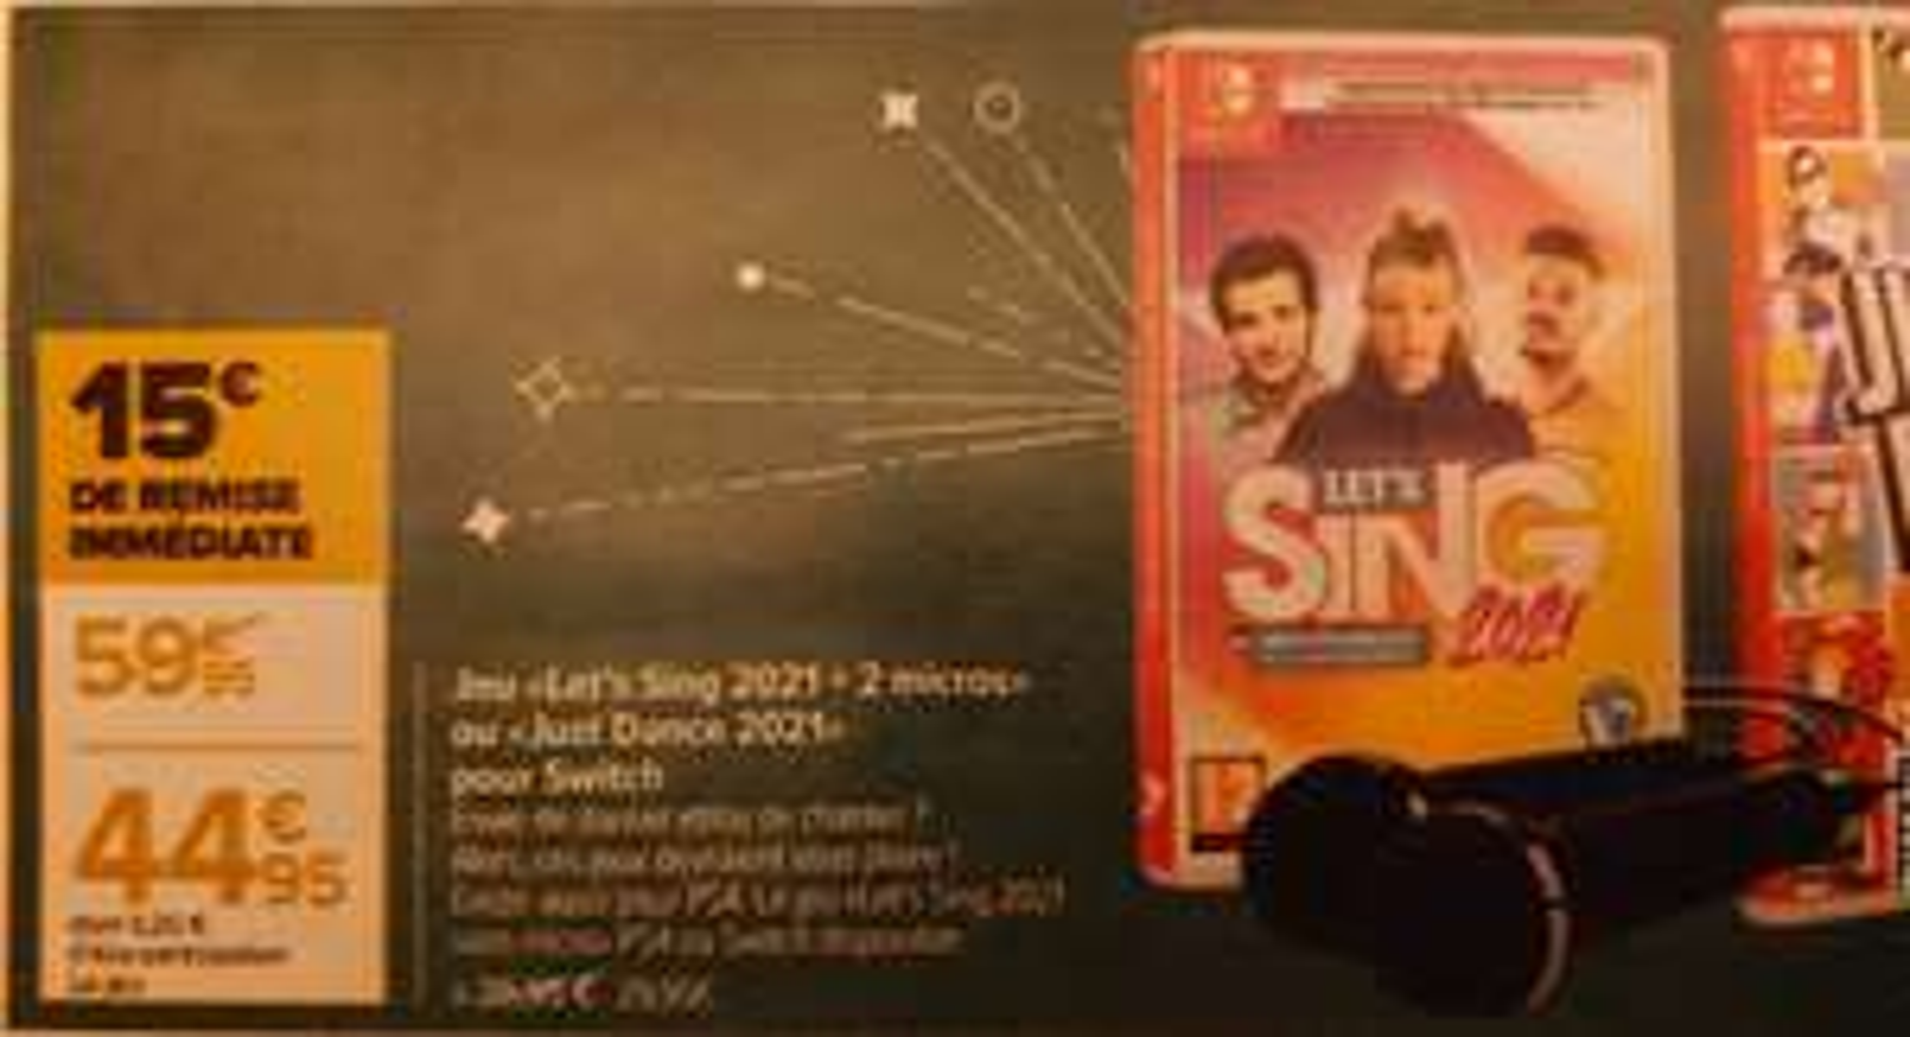 Let's Sing 2021 sur PS4 ou Switch (Version avec 2 micros ou Just dance 2021 à 44.95€)